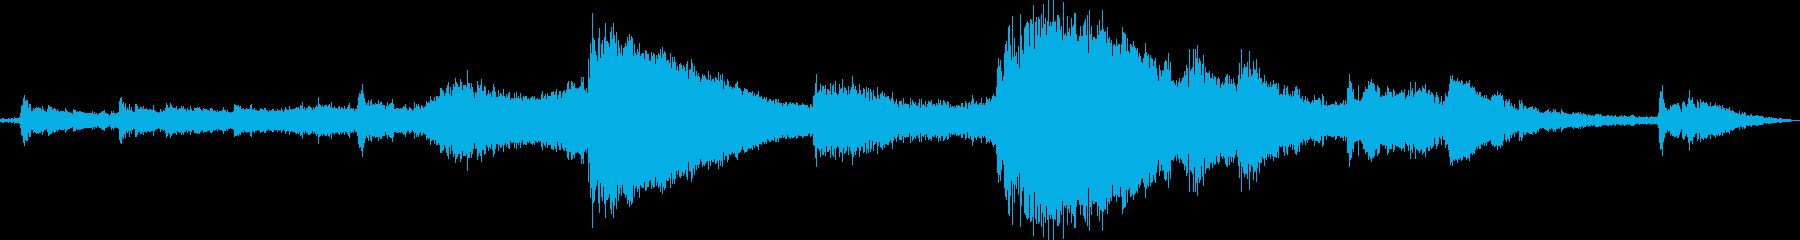 【ダークアンビエント】 無の再生済みの波形